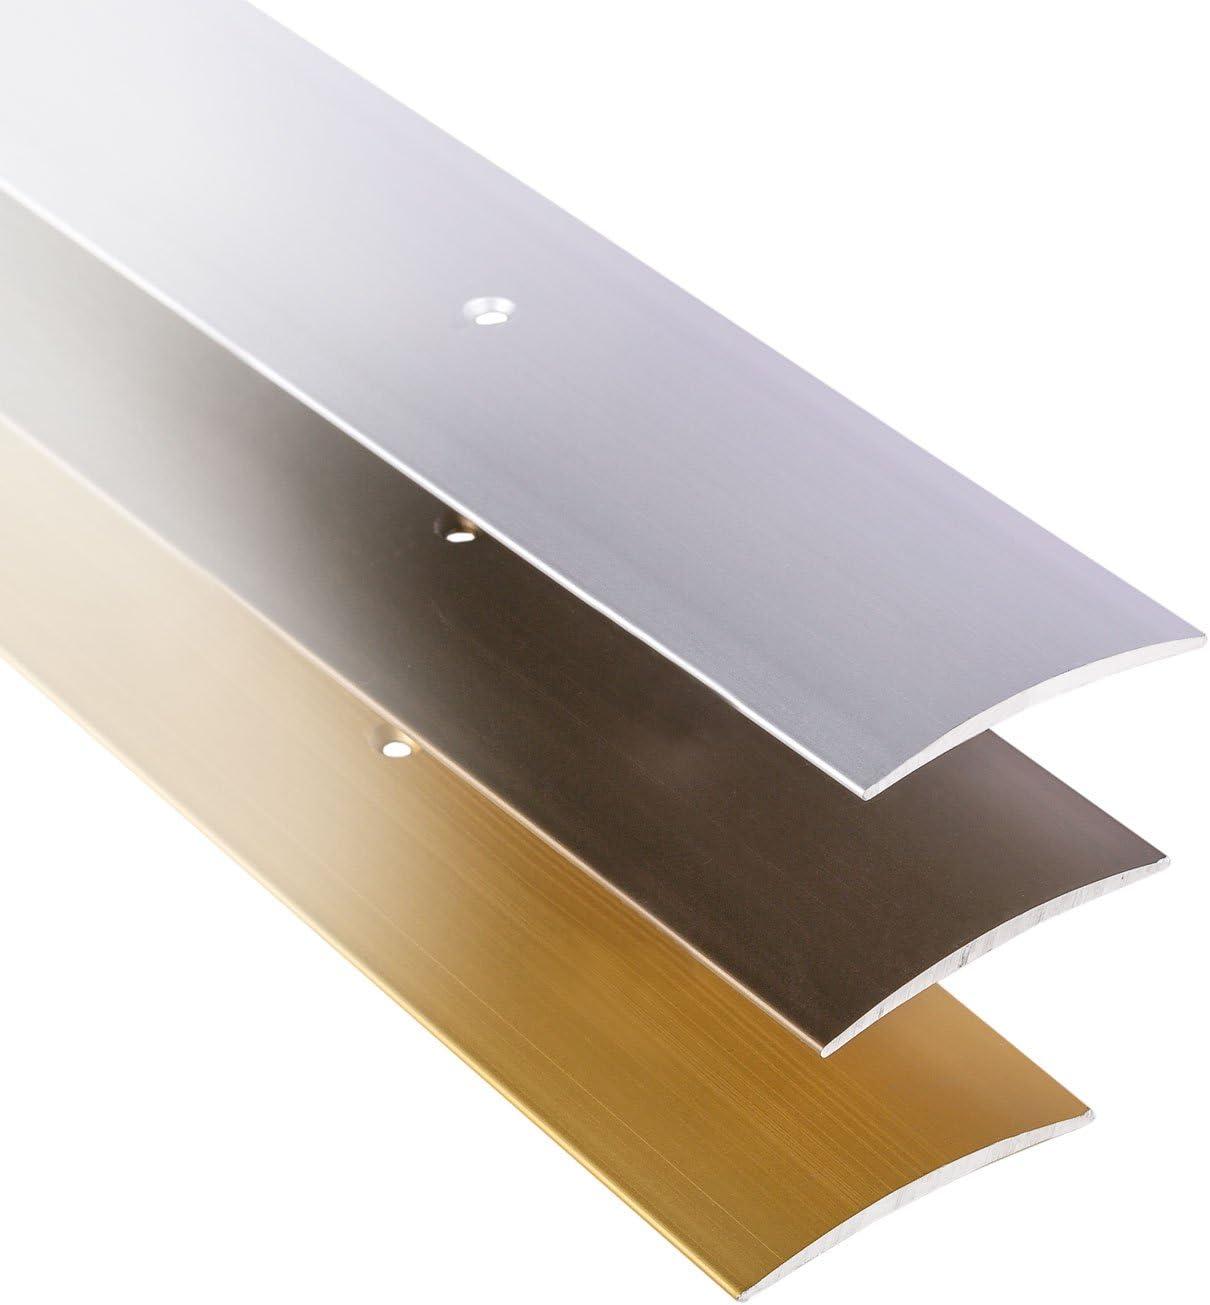 Boden-Schiene Alu 1 St/ück Vinyl L/änge 100 cm Teppich UVM Aluminium Bronze eloxiert | Boden-Profil flach Gedotec /Übergangsprofil selbstklebend /Übergangs-Schiene Laminat Breite 37 mm